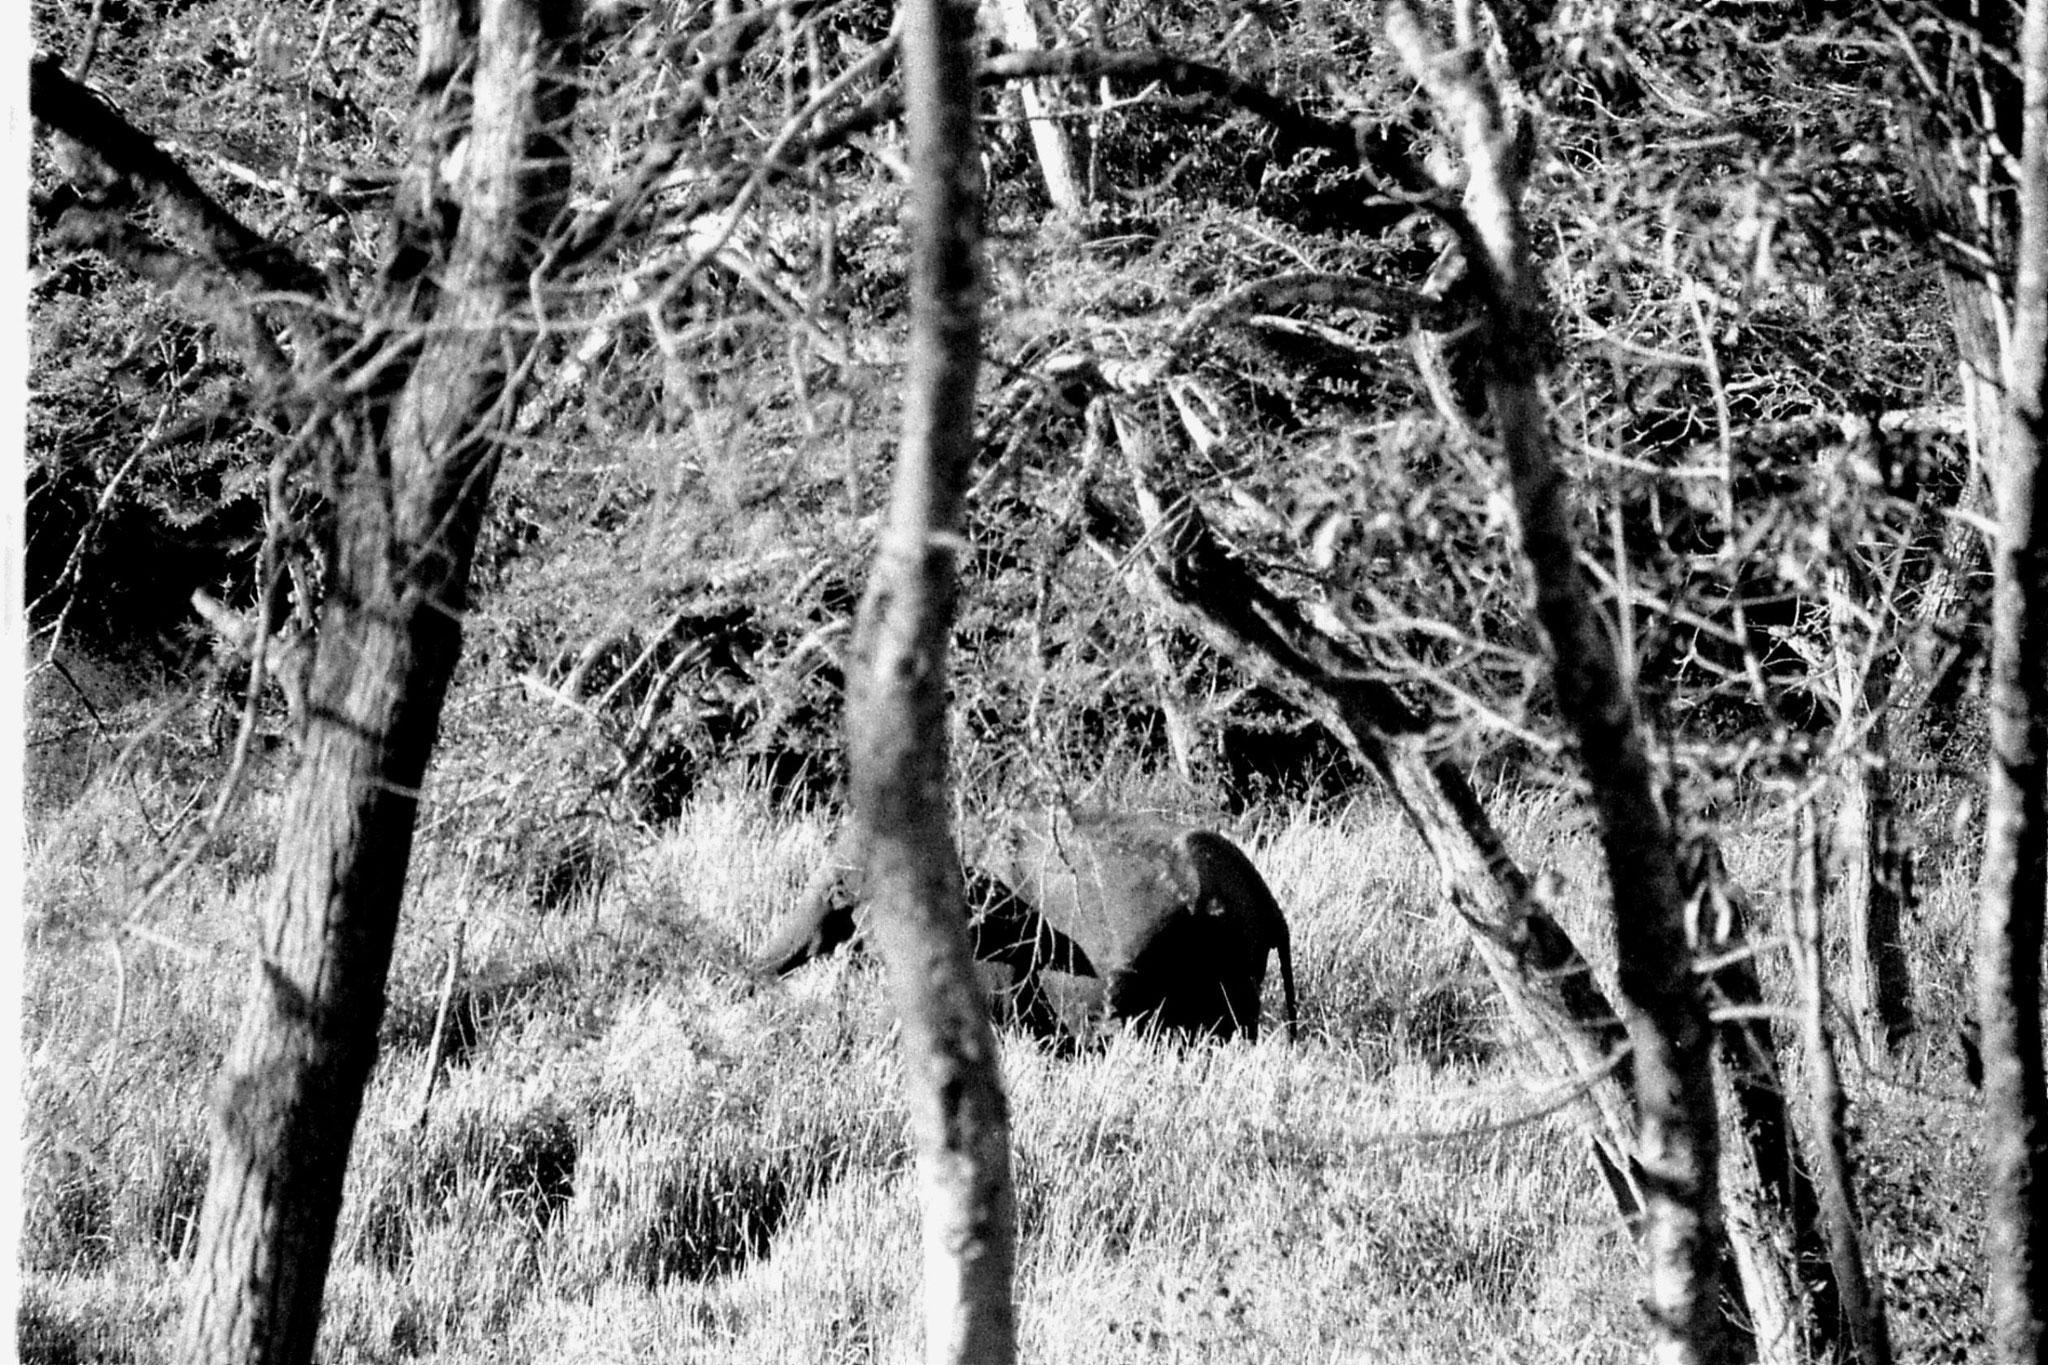 9/3/1990: 18: Nagarahole elephant